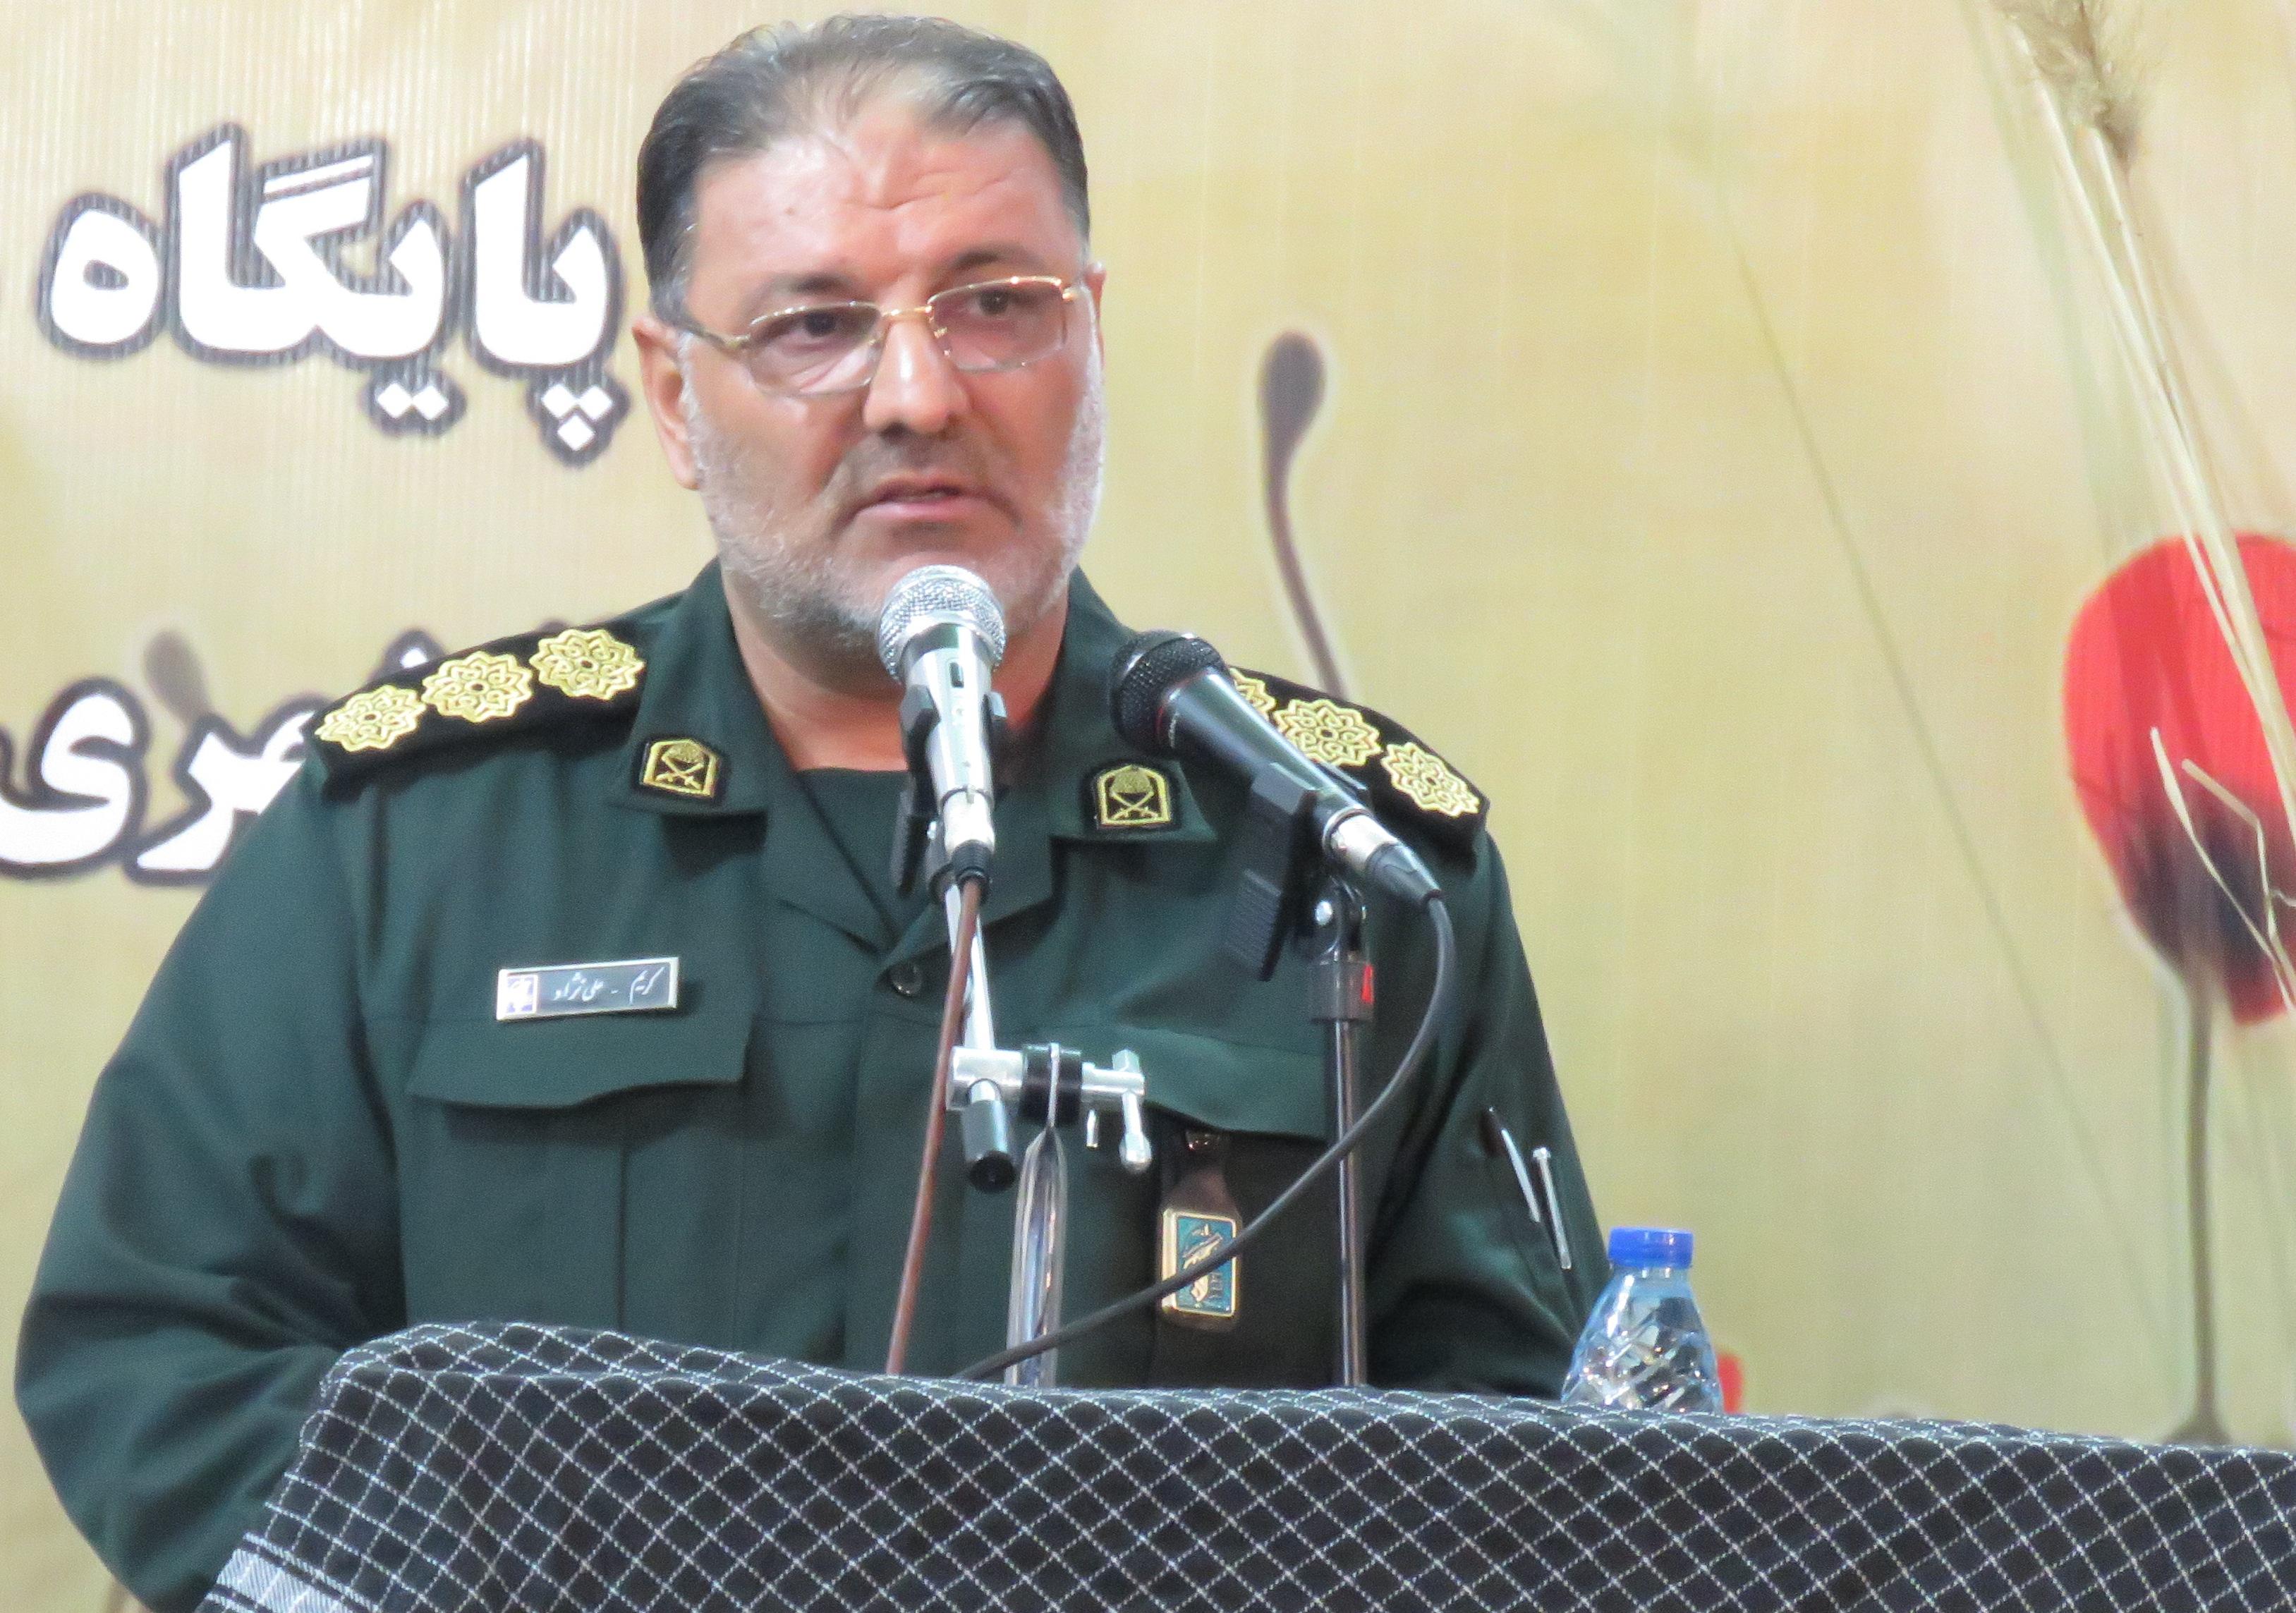 روز قدس از معجزات امام خمینی (ره) در تاریخ انقلاب اسلامی است/ انتفاضه سوم آغازی بر پایان رژیم صهیونیستی است